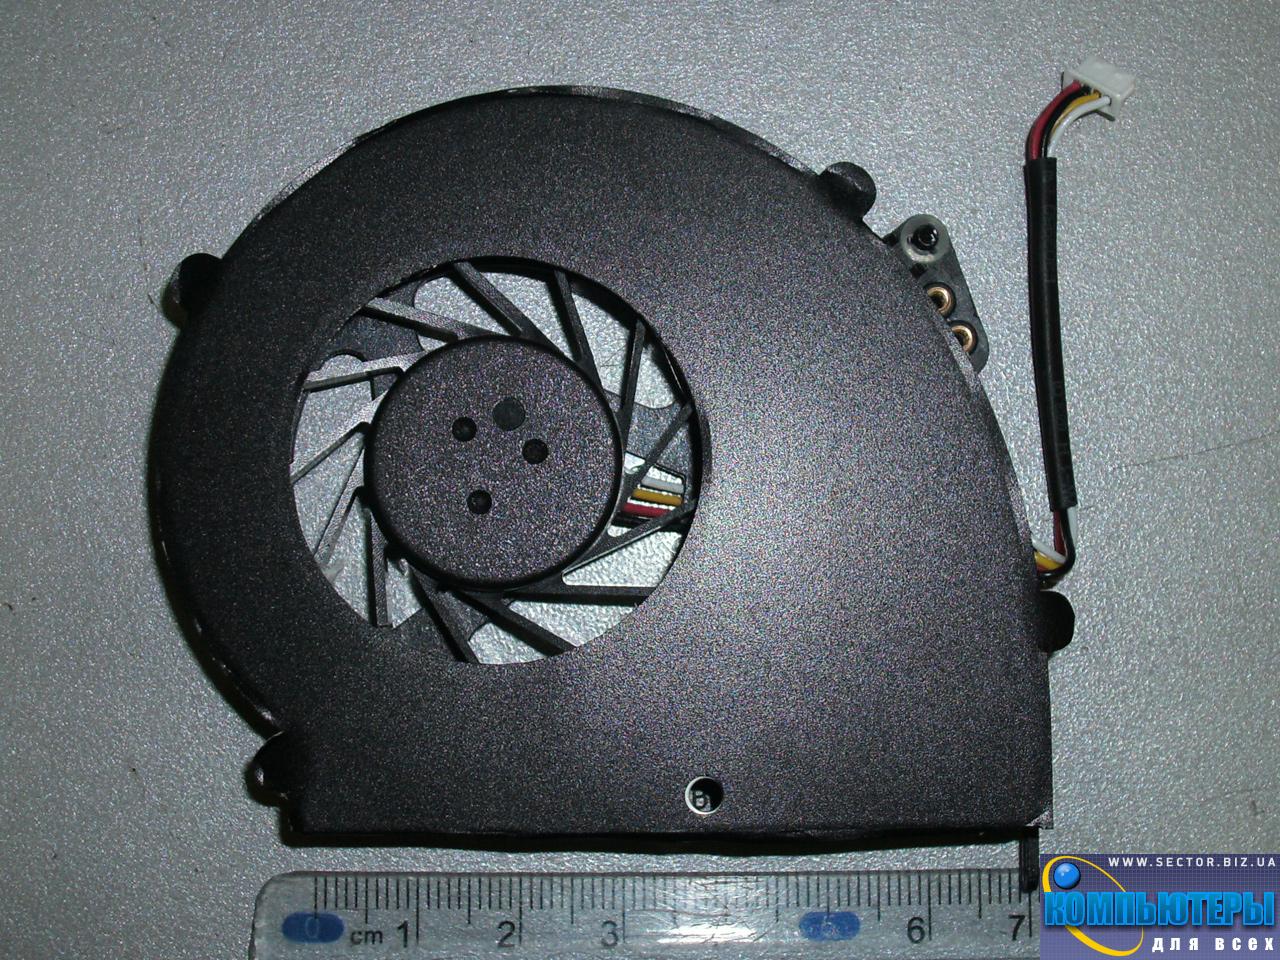 Кулер к ноутбуку Emachines E528 E728 p/n: AB0805HX-TBB (CWZR6). Фото № 2.